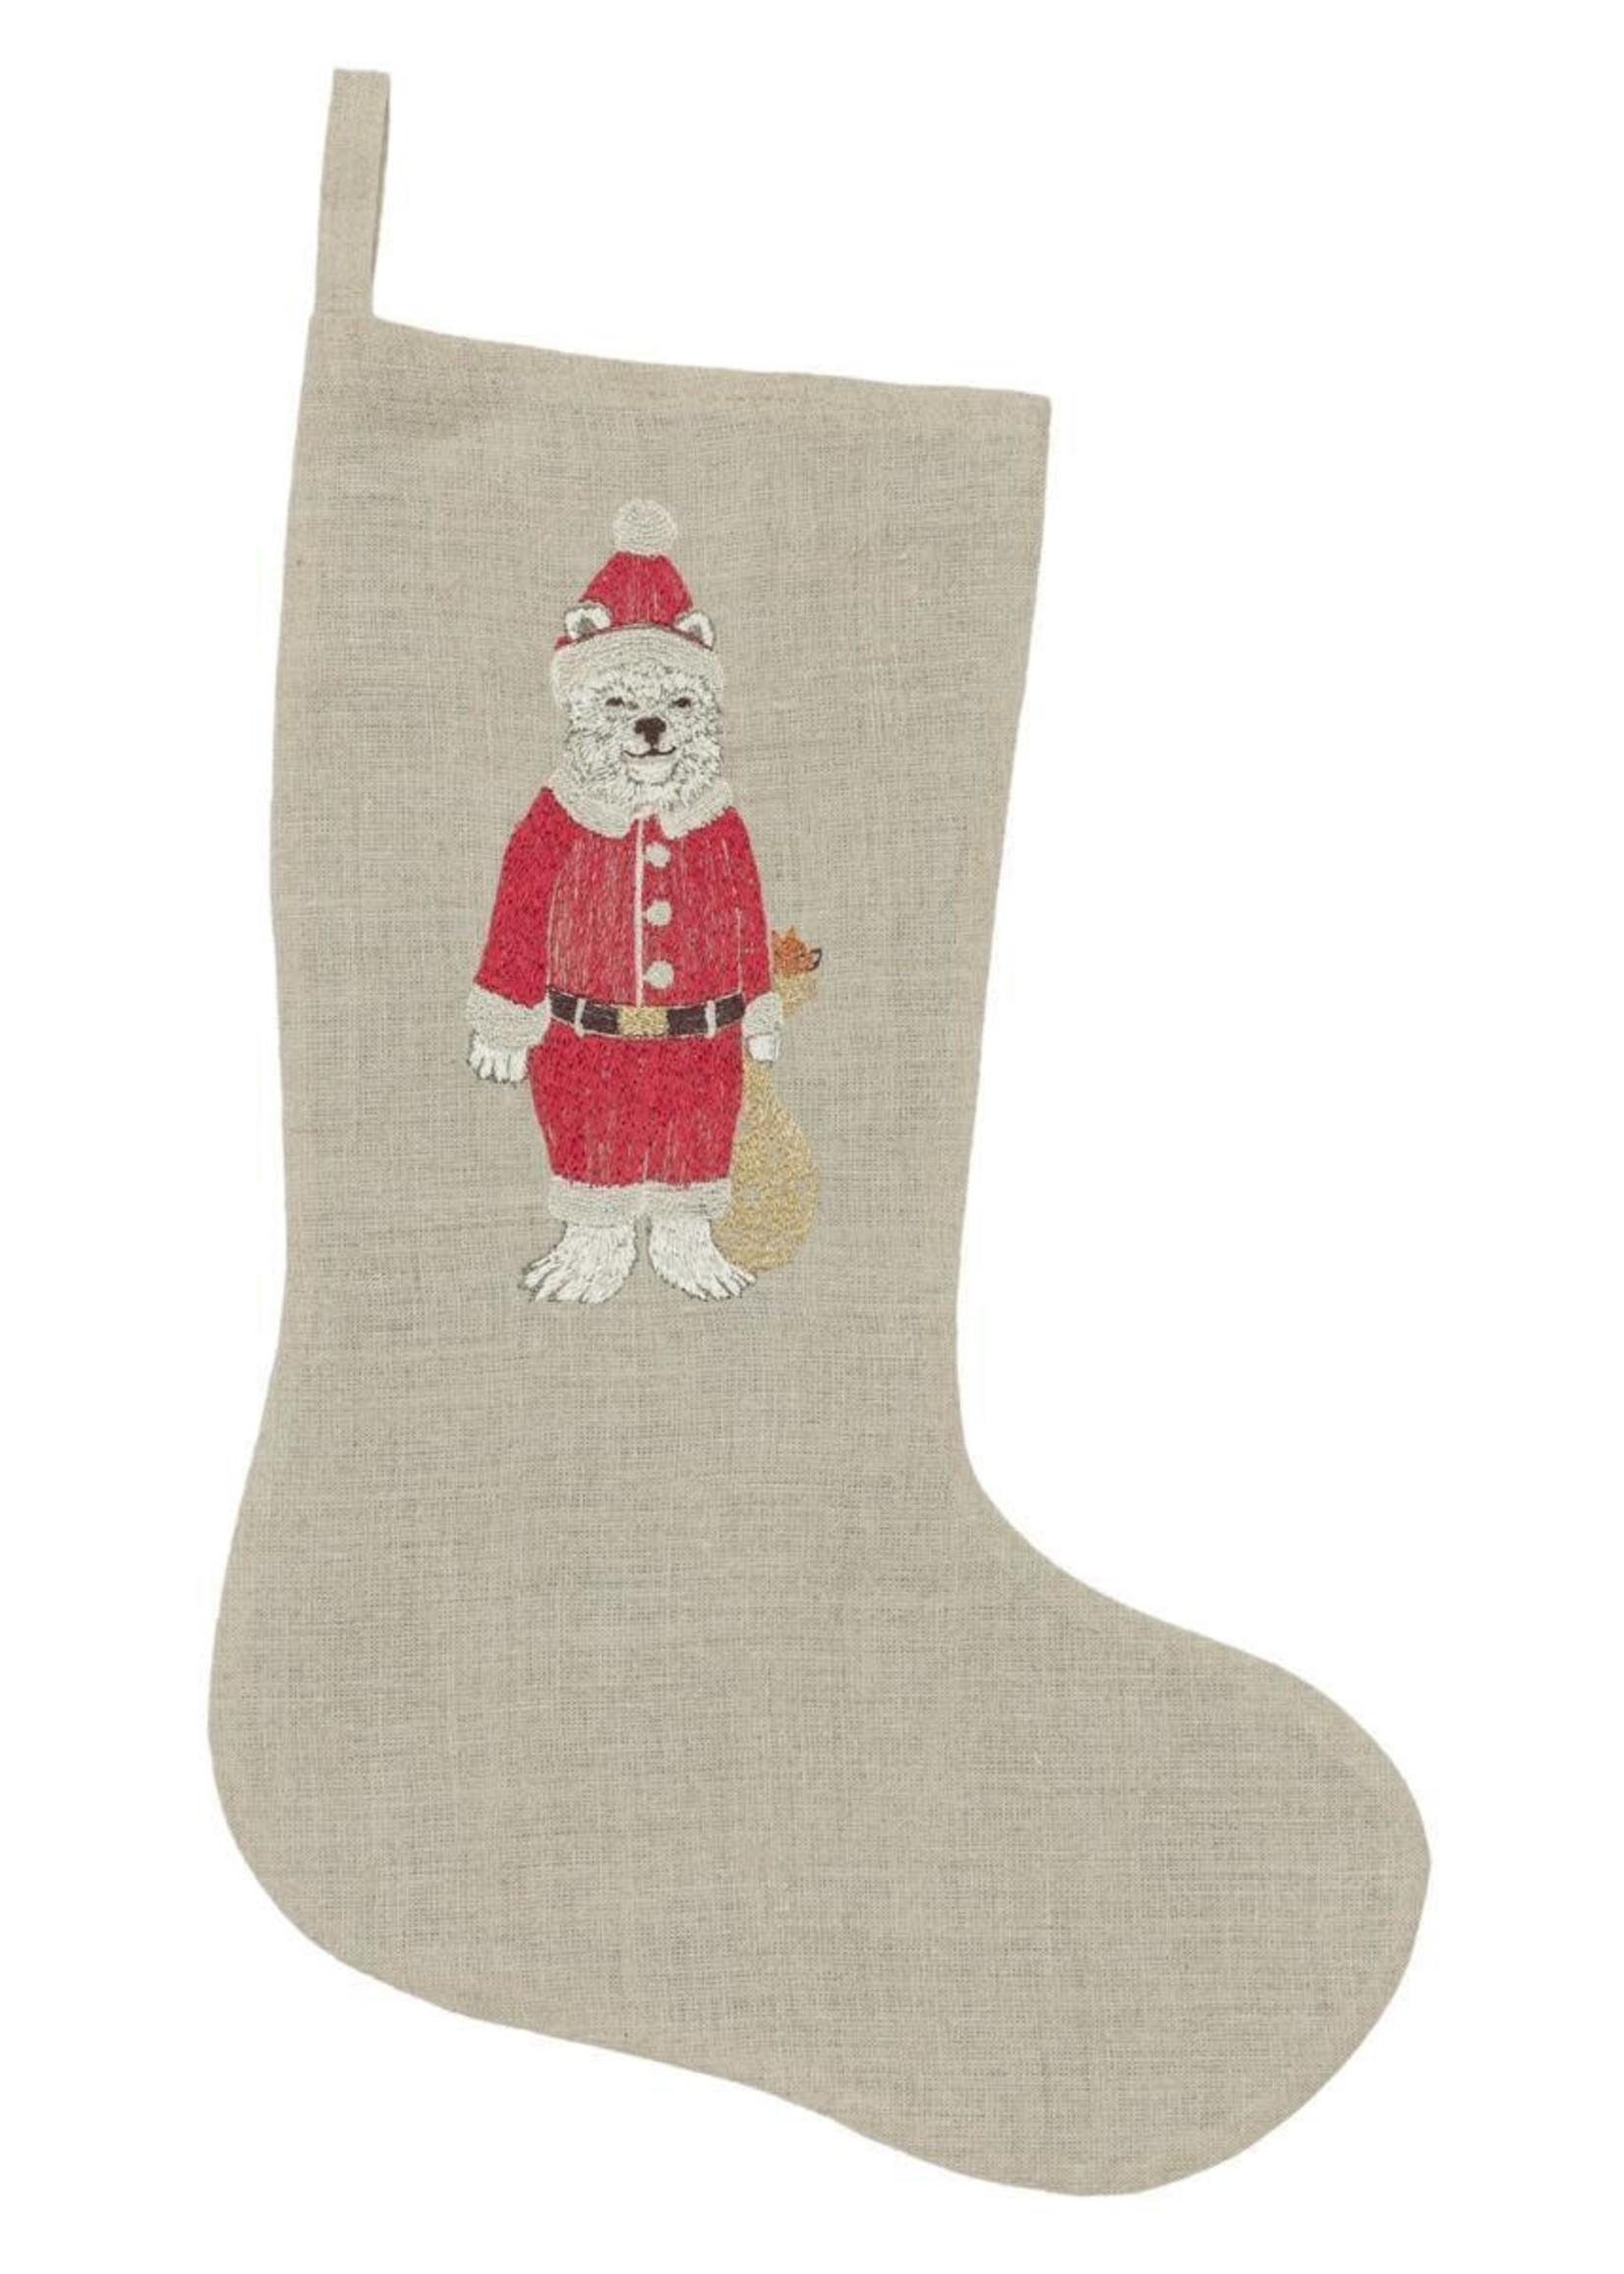 Coral and Tusk Stocking - Small - Polar Bear Santa